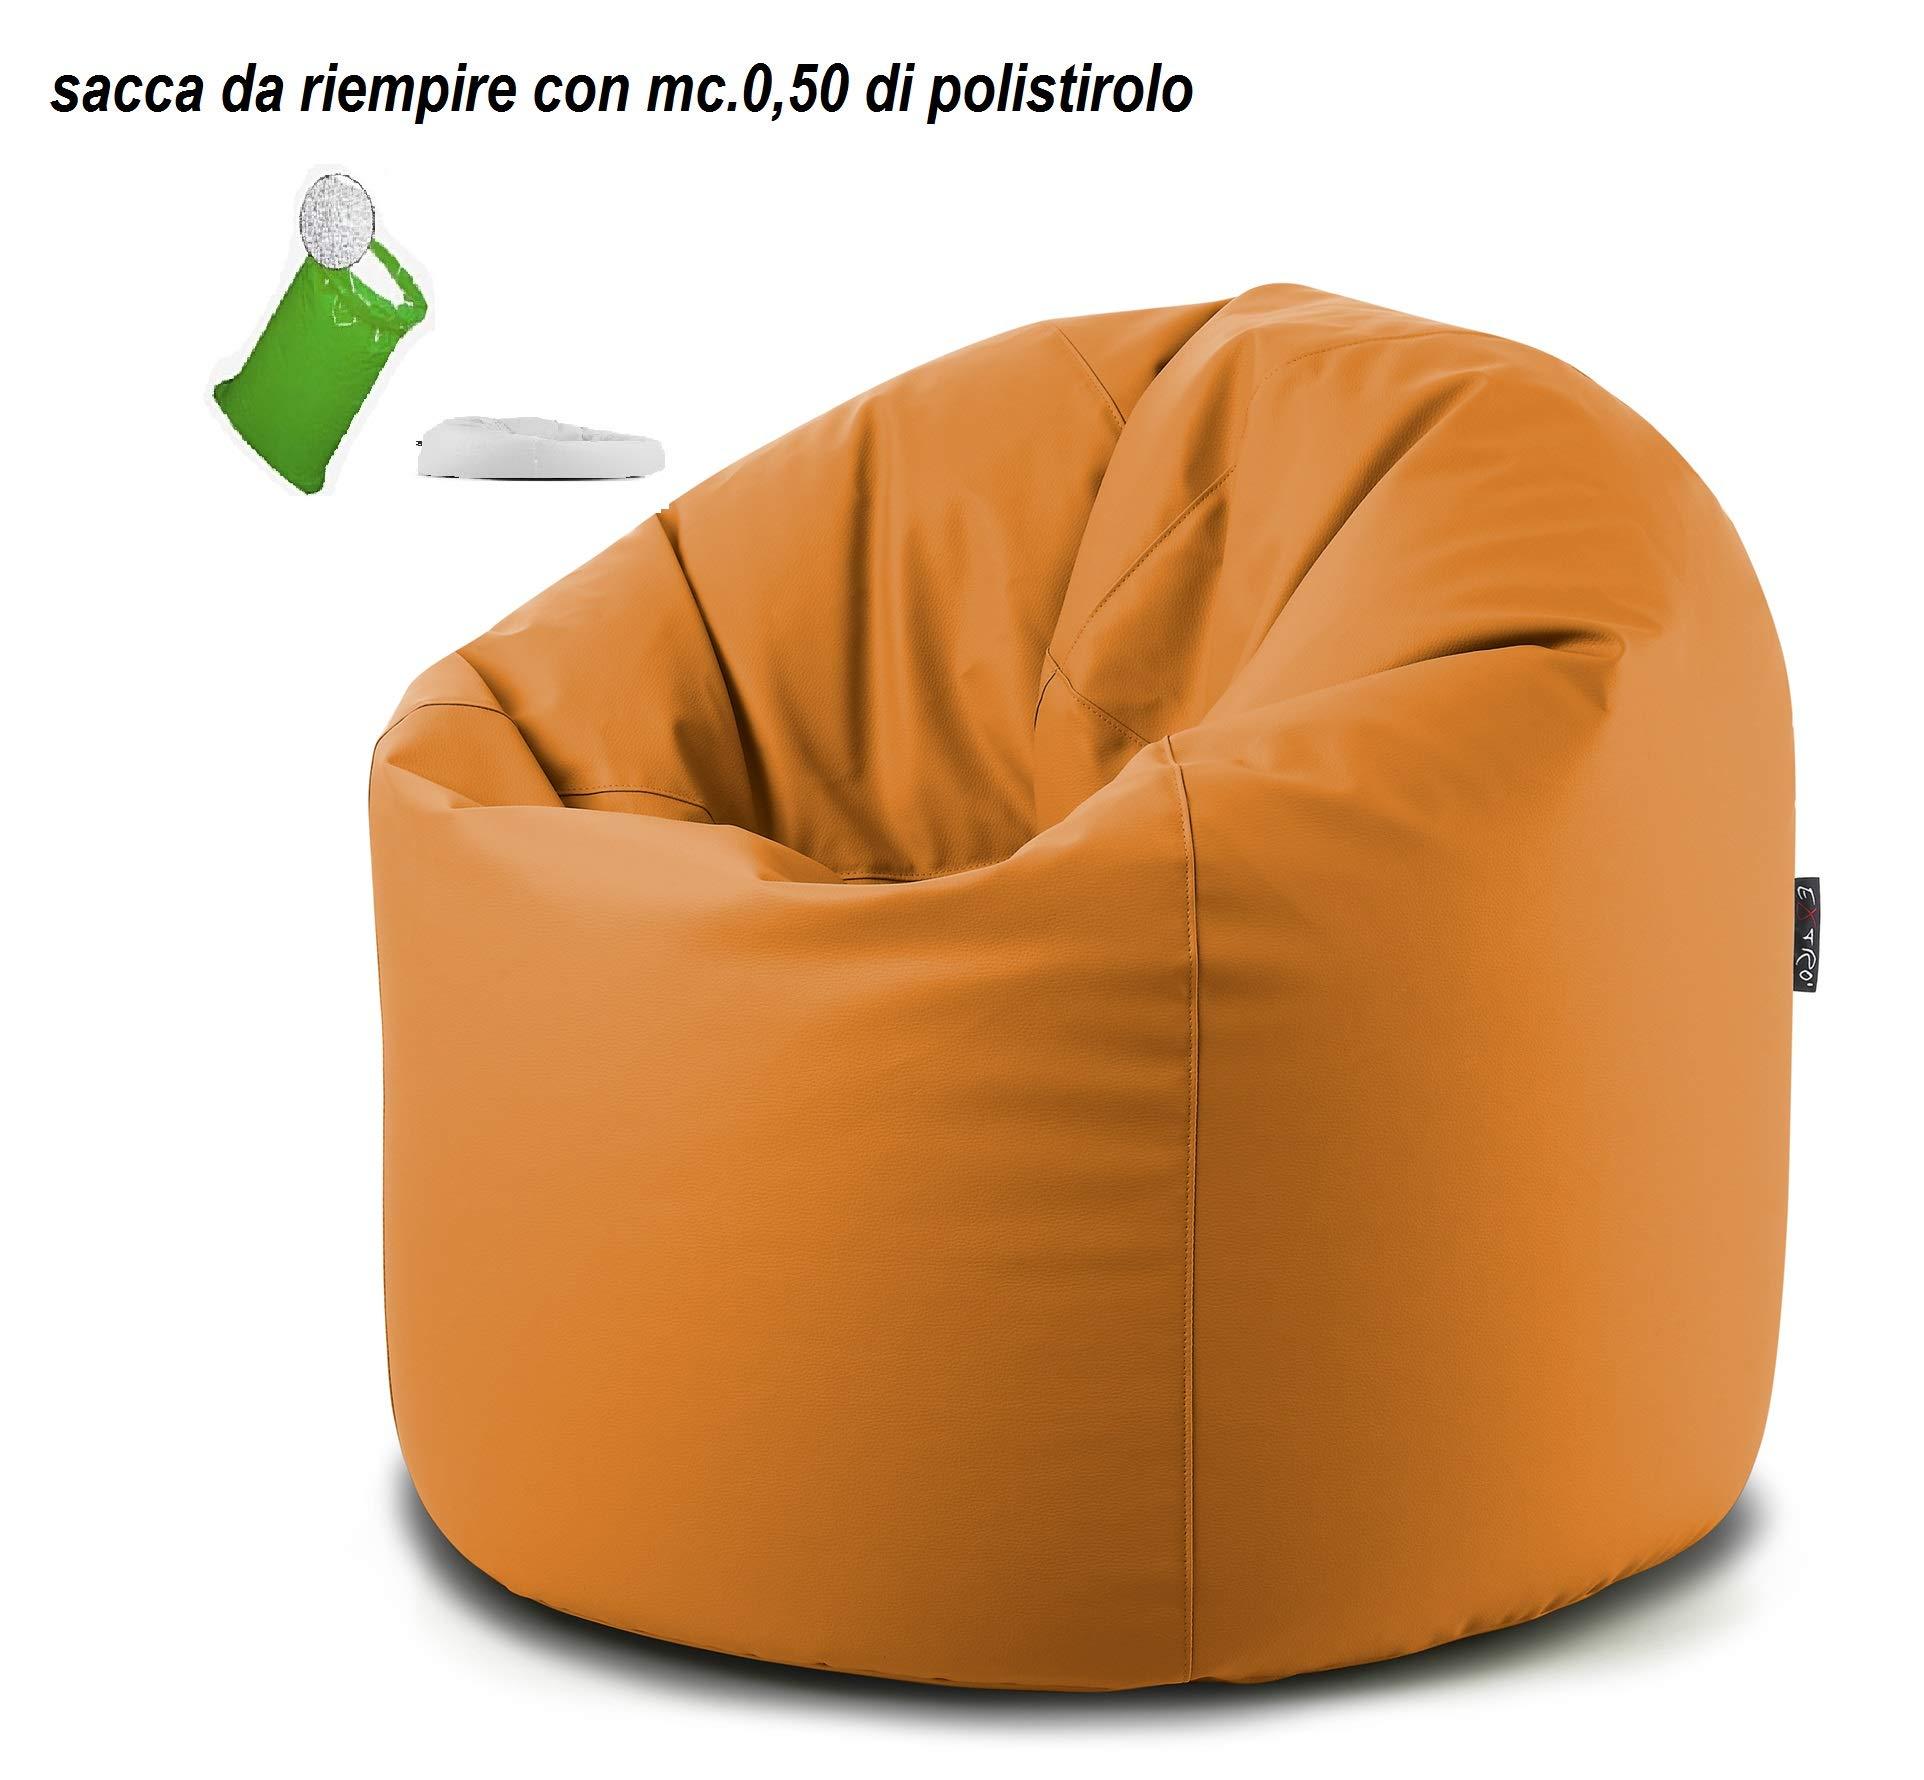 EXTROITALY Sacco Pouf TERA Rosso Ecopelle Poltrona Morbida 78x78 H.93 Lampo sul Fondo RIEMPITA in POLISTIROLO